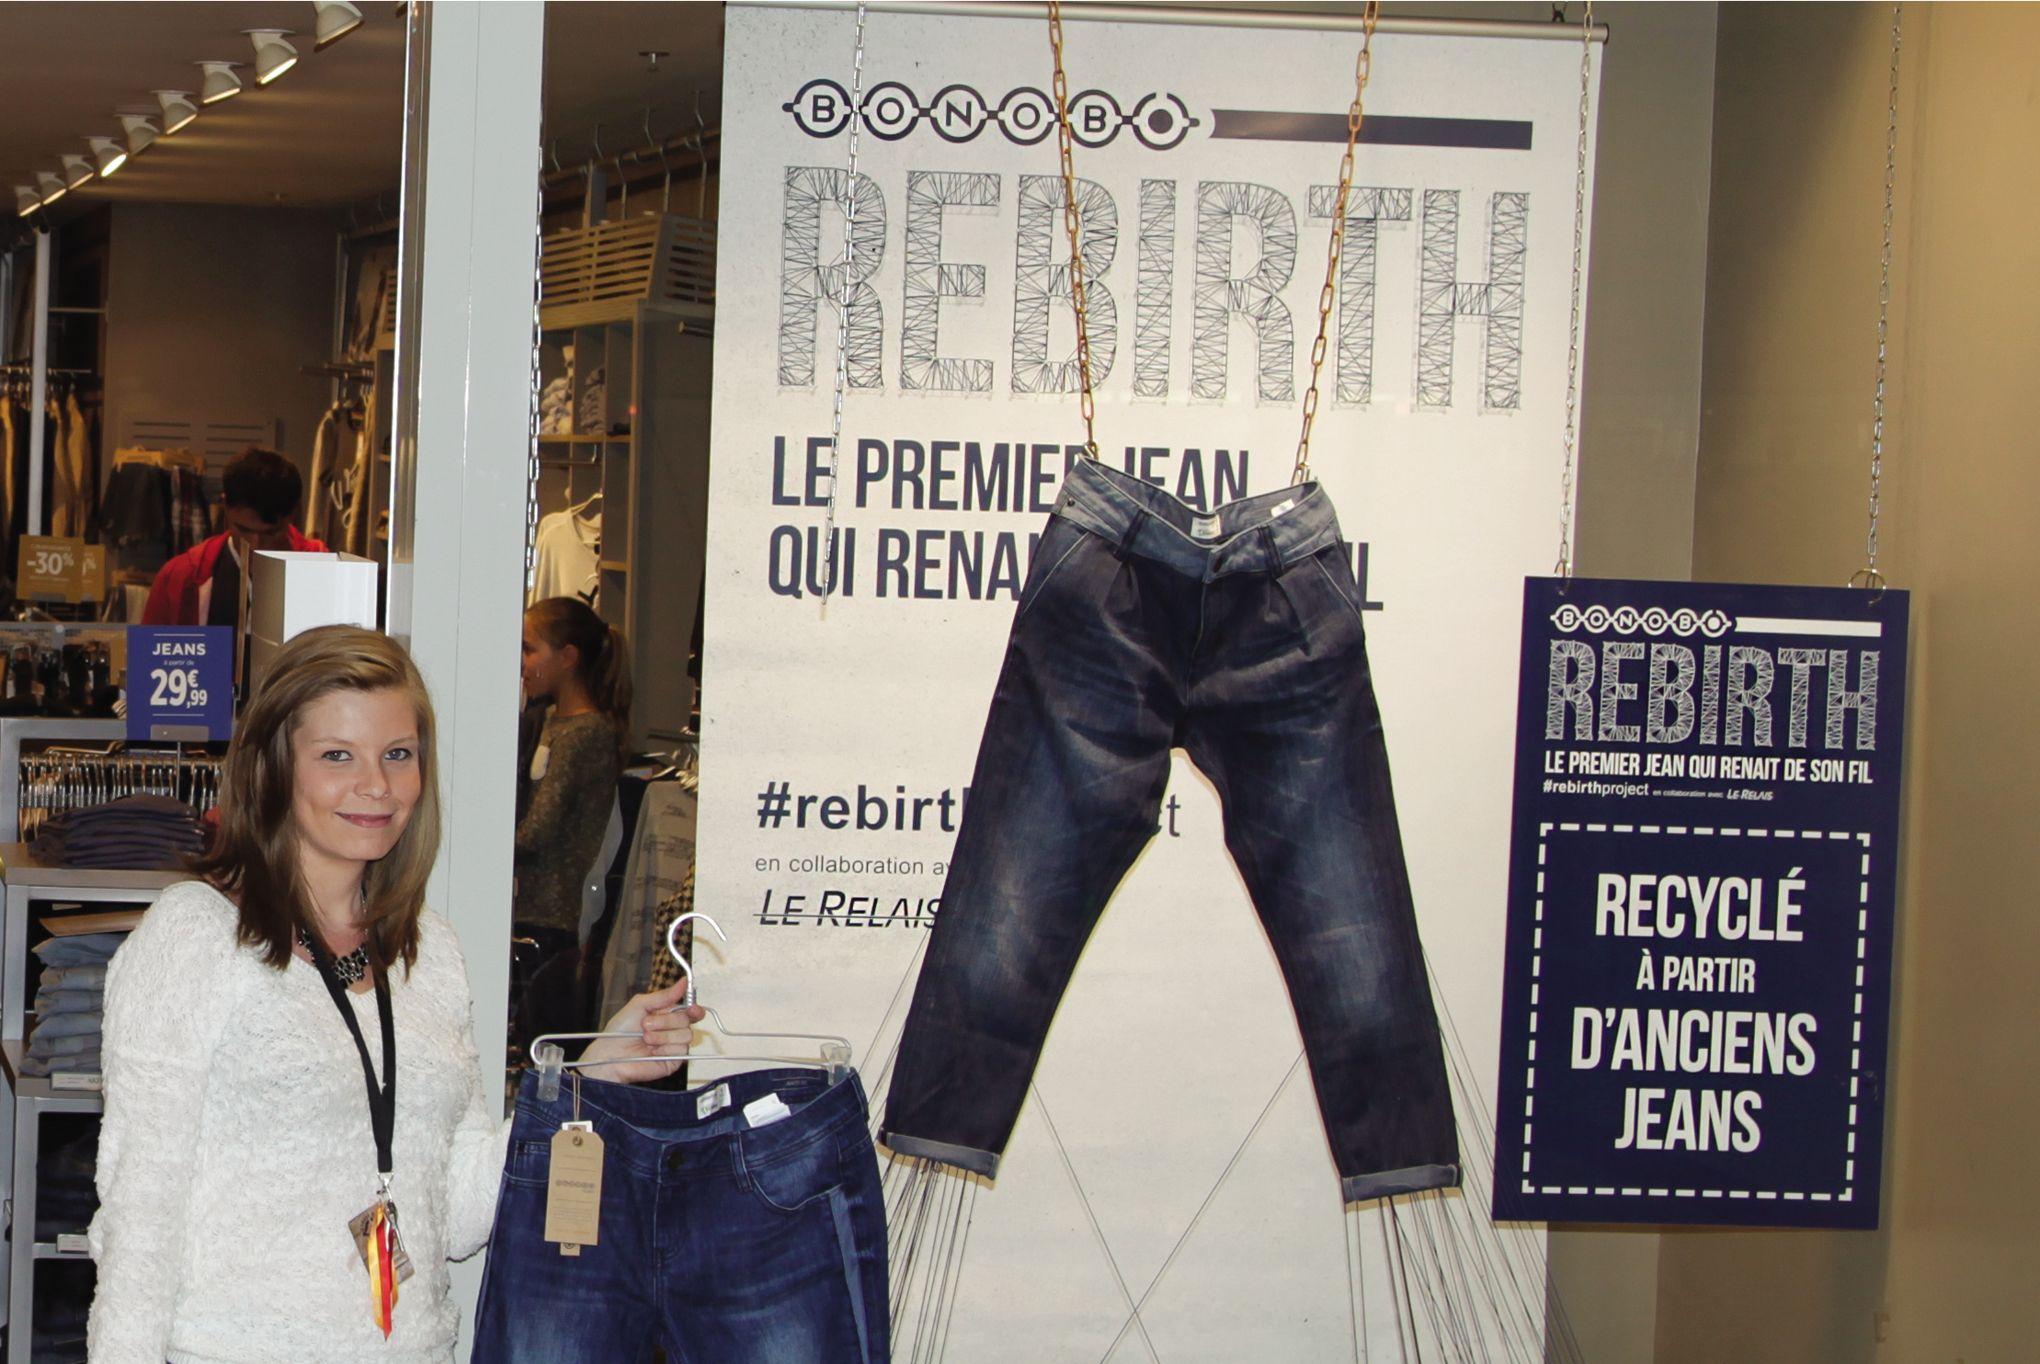 Bonobo Opération Recyclage Jeans